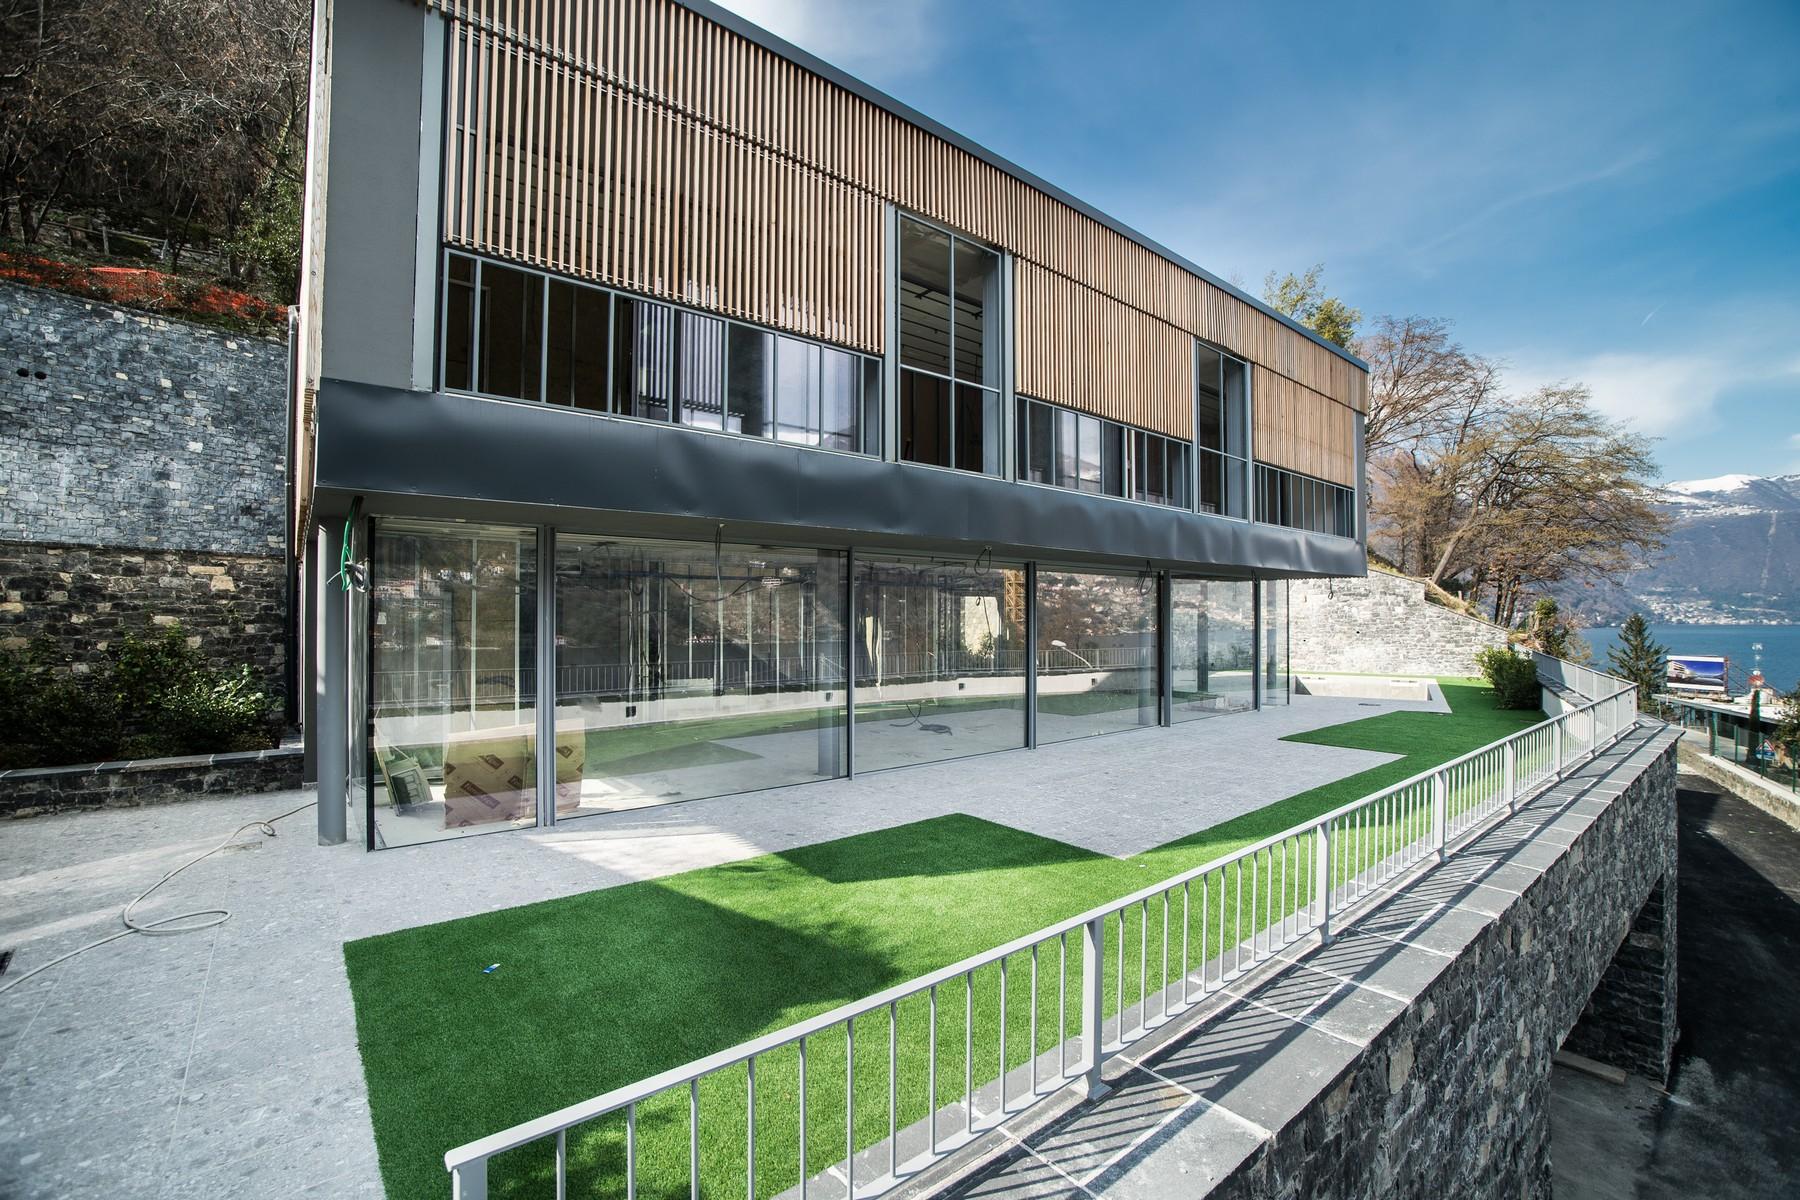 Additional photo for property listing at Prestigious modern villa with private swimming pool and magnificent Lake views Laglio Laglio, Como 22010 Italia